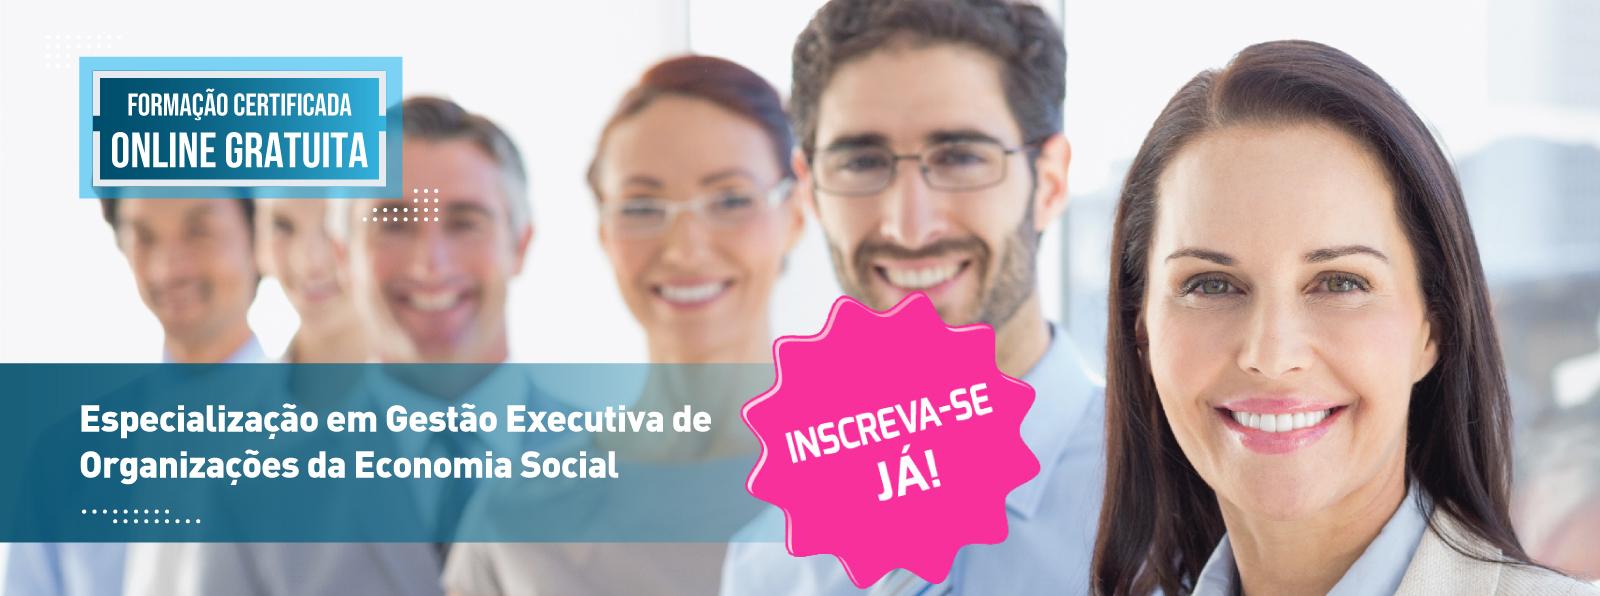 Especialização em Gestão Executiva de Organizações da Economia Social